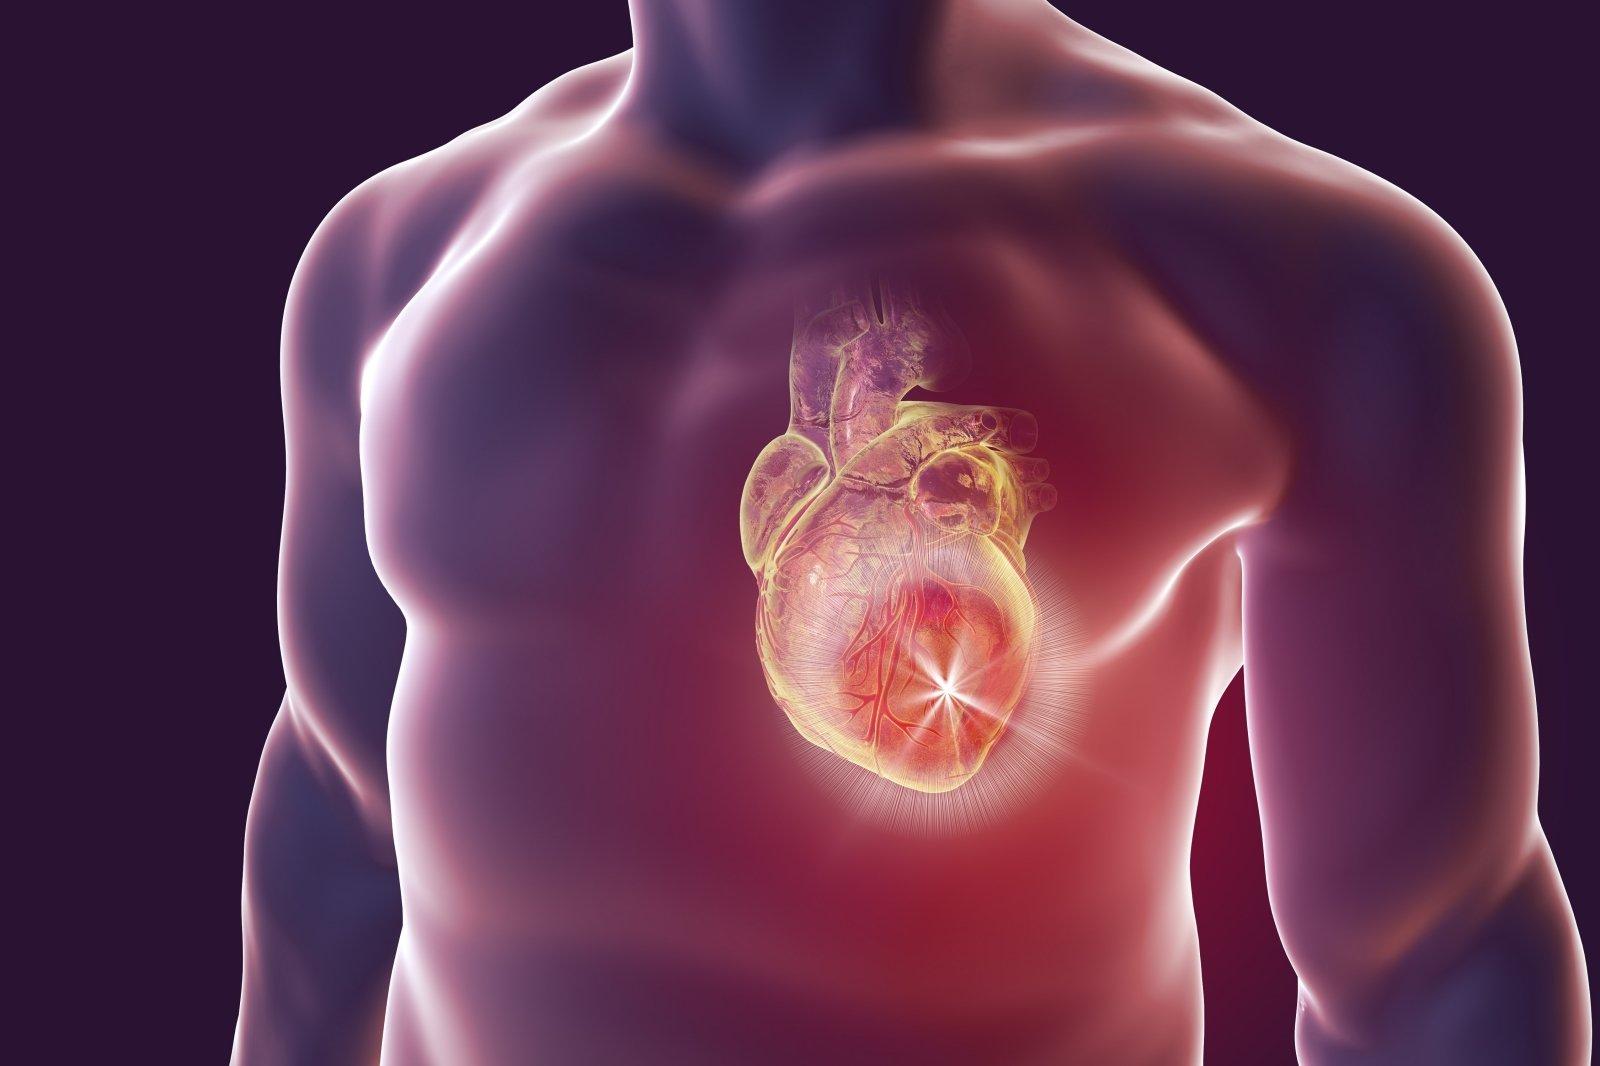 su hipertenzija susijusios ligos o kaip su kraujagyslėmis, sergančiomis hipertenzija